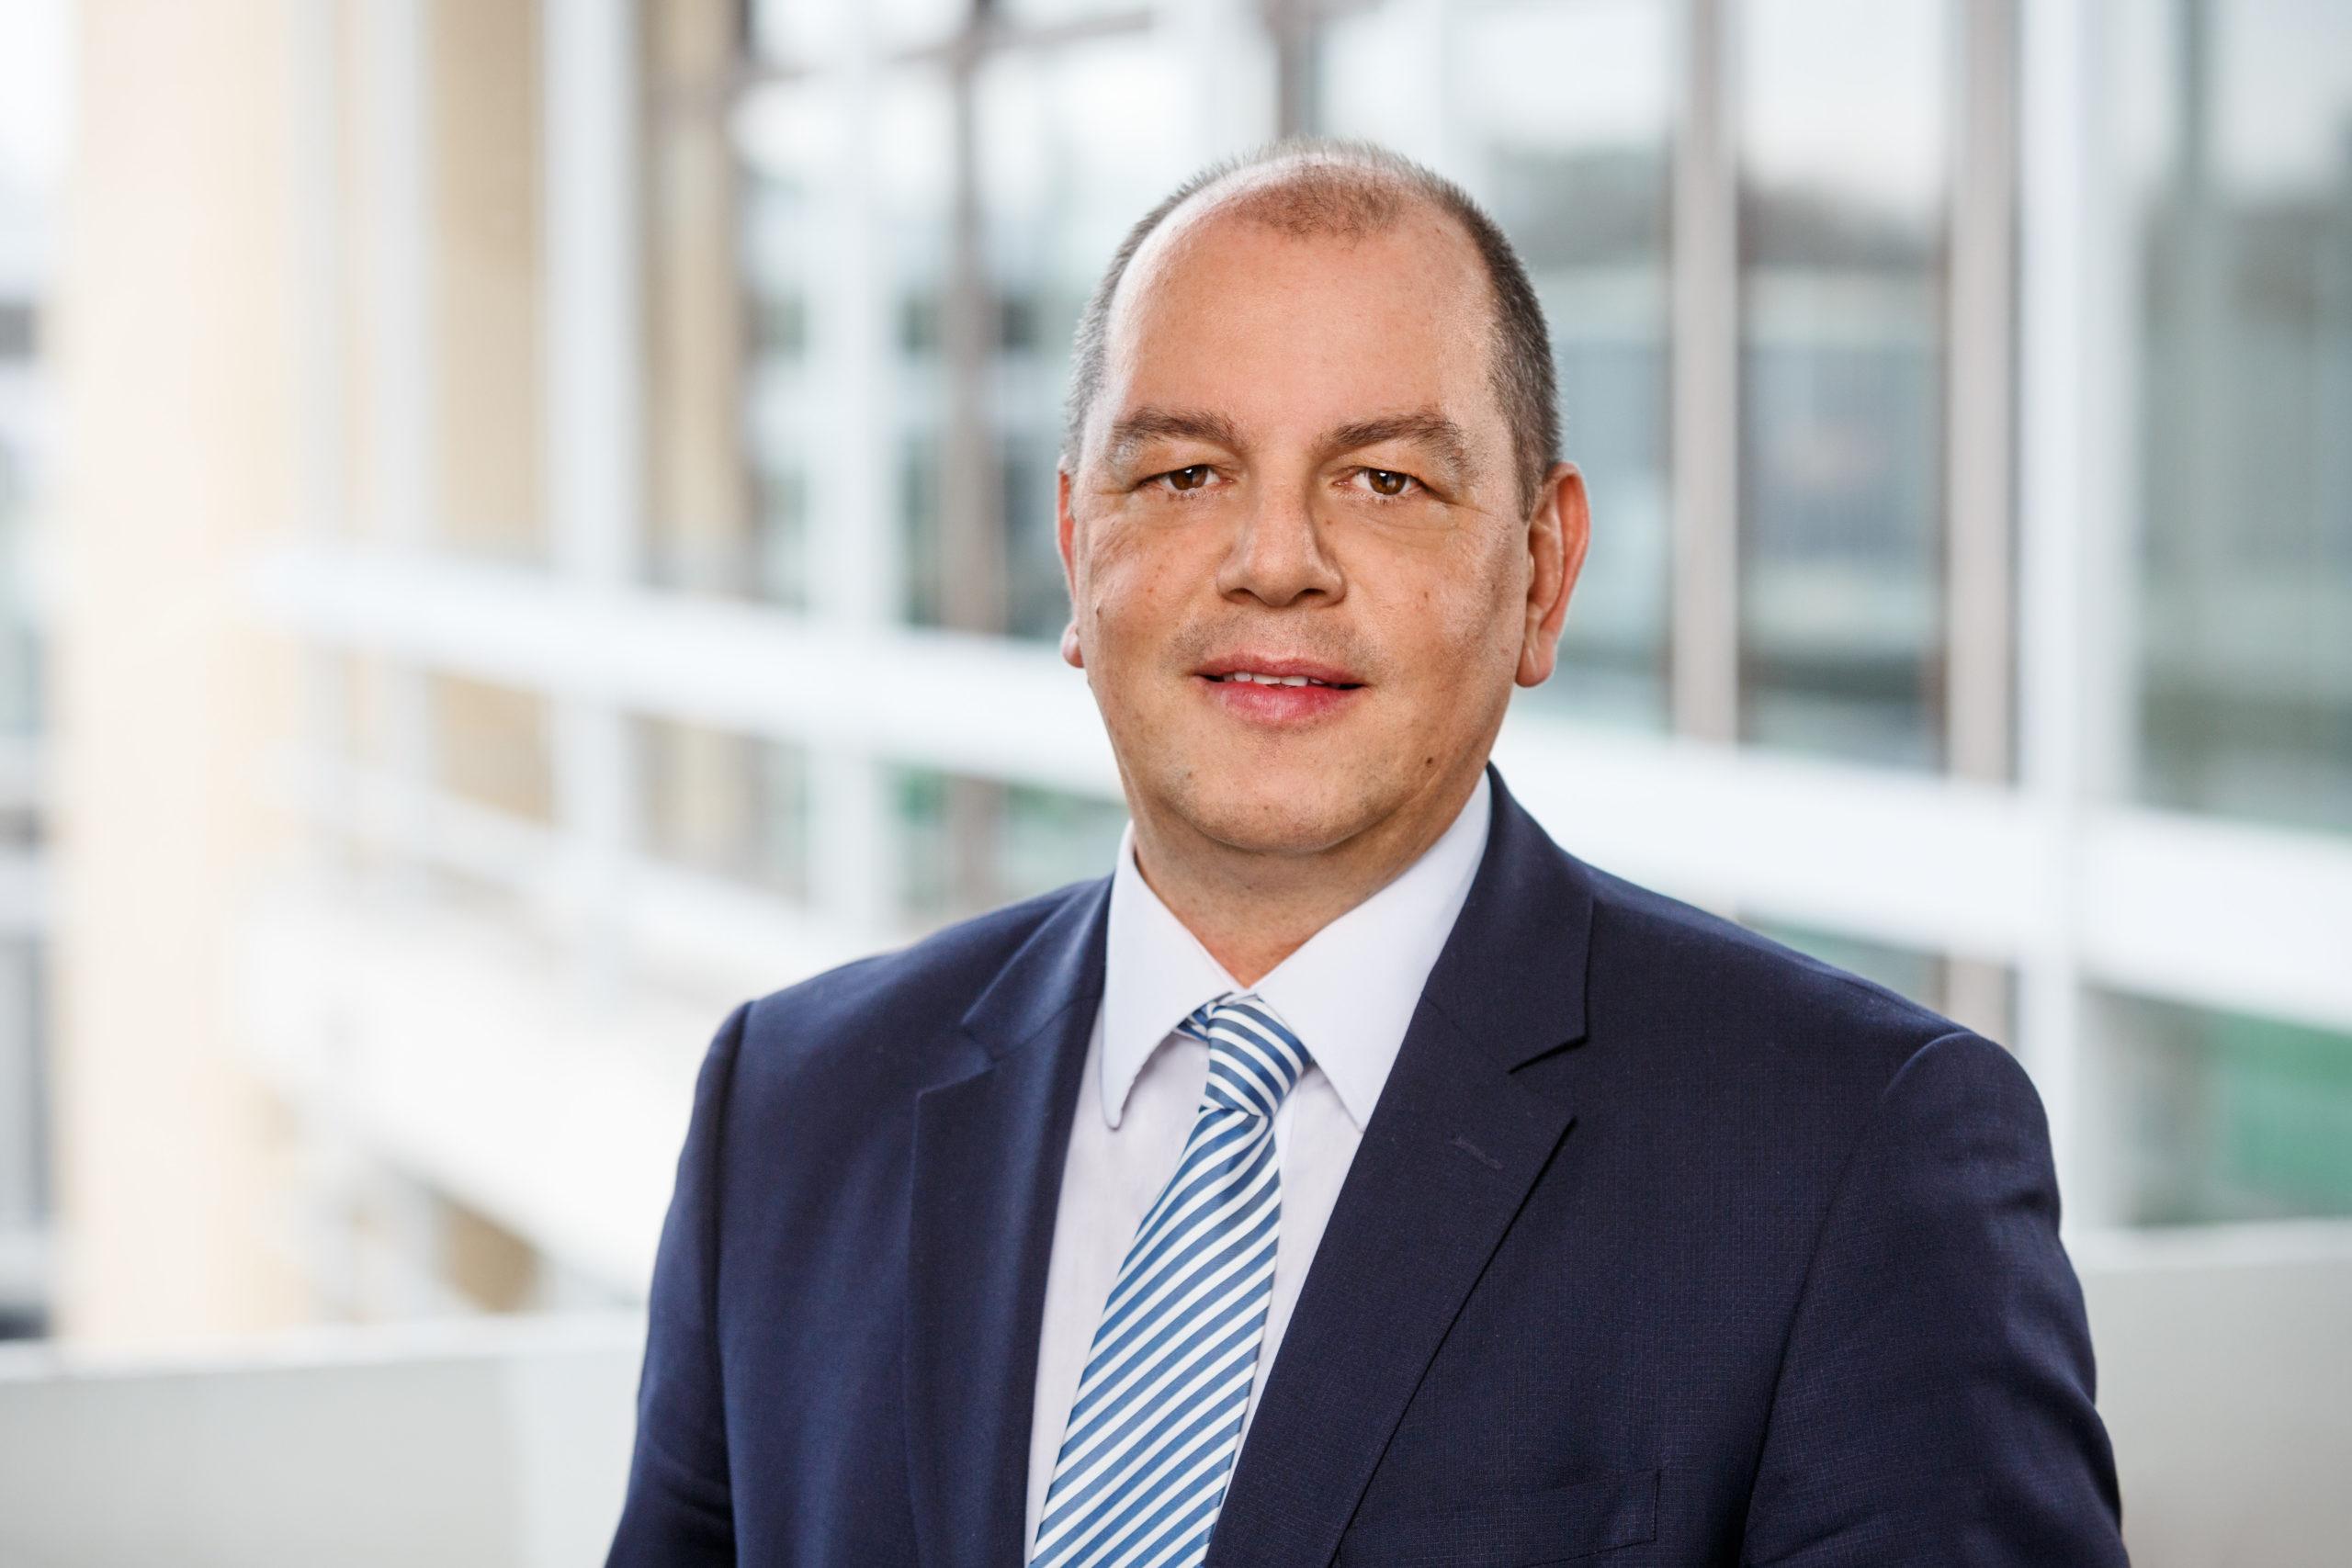 Prof. Dr. Helmut Beckmann